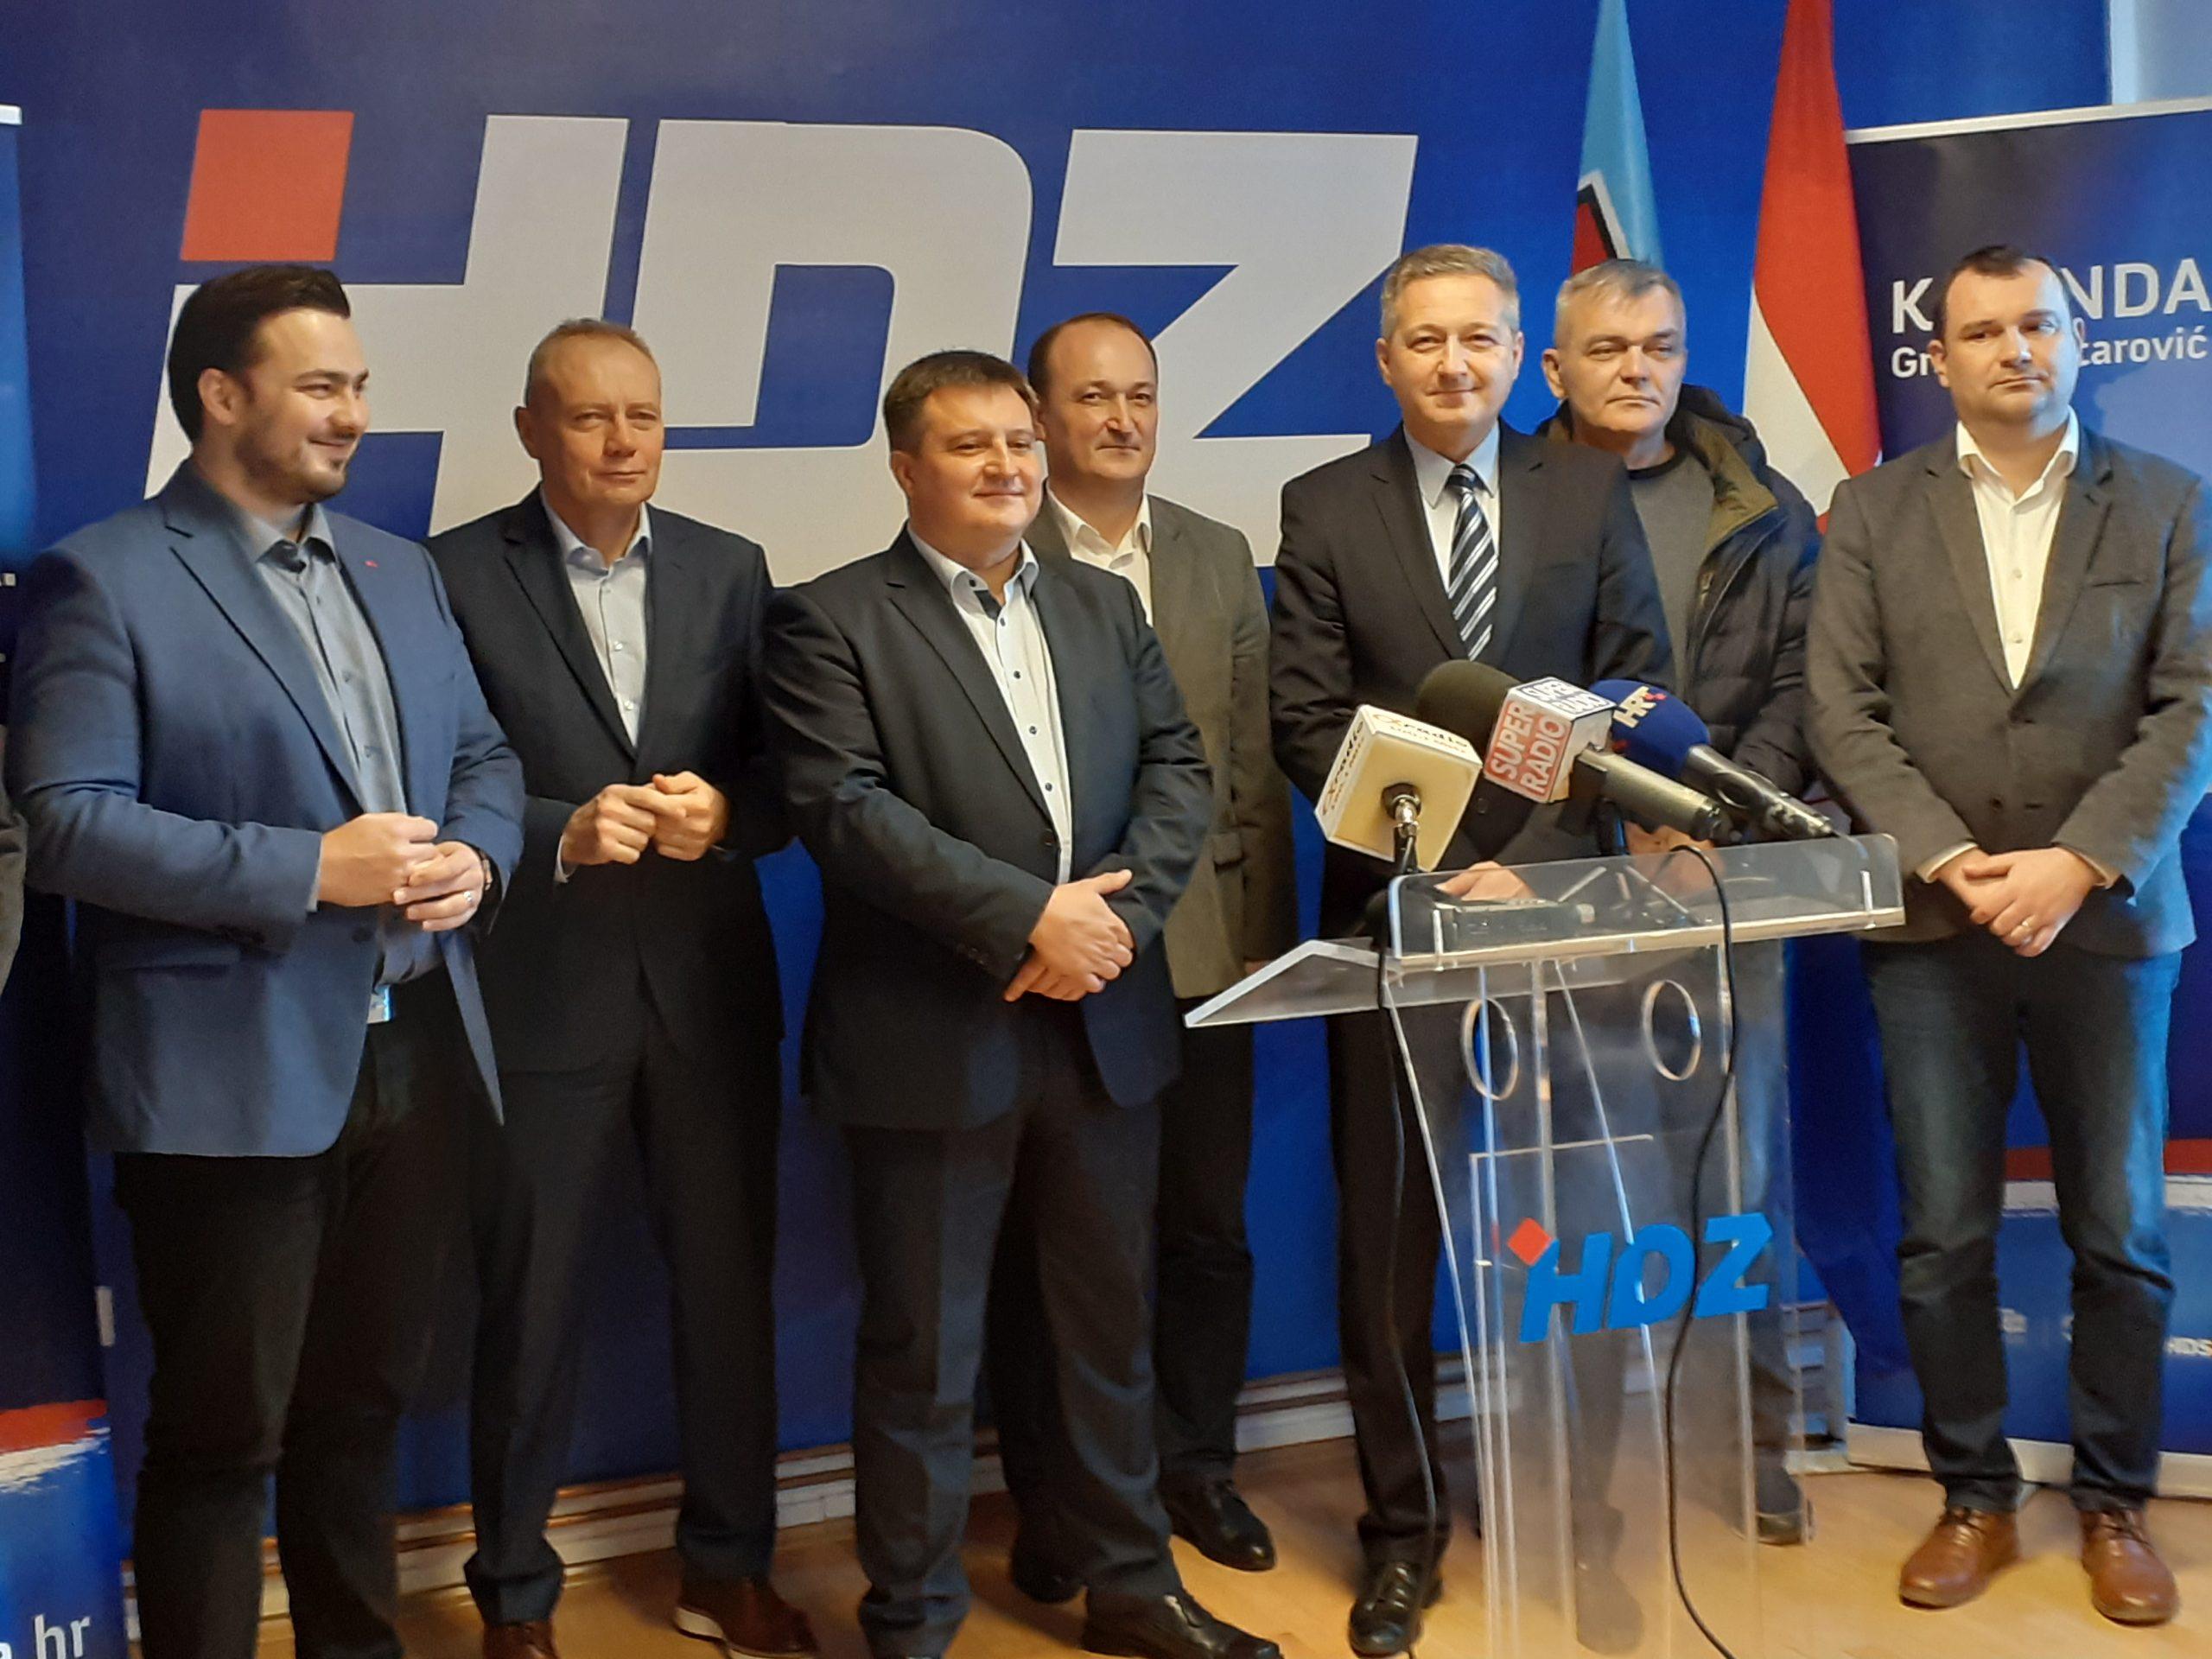 GOTOVA ANALIZA Tko je kriv za poraz Grabar Kitarović u BBŽ?